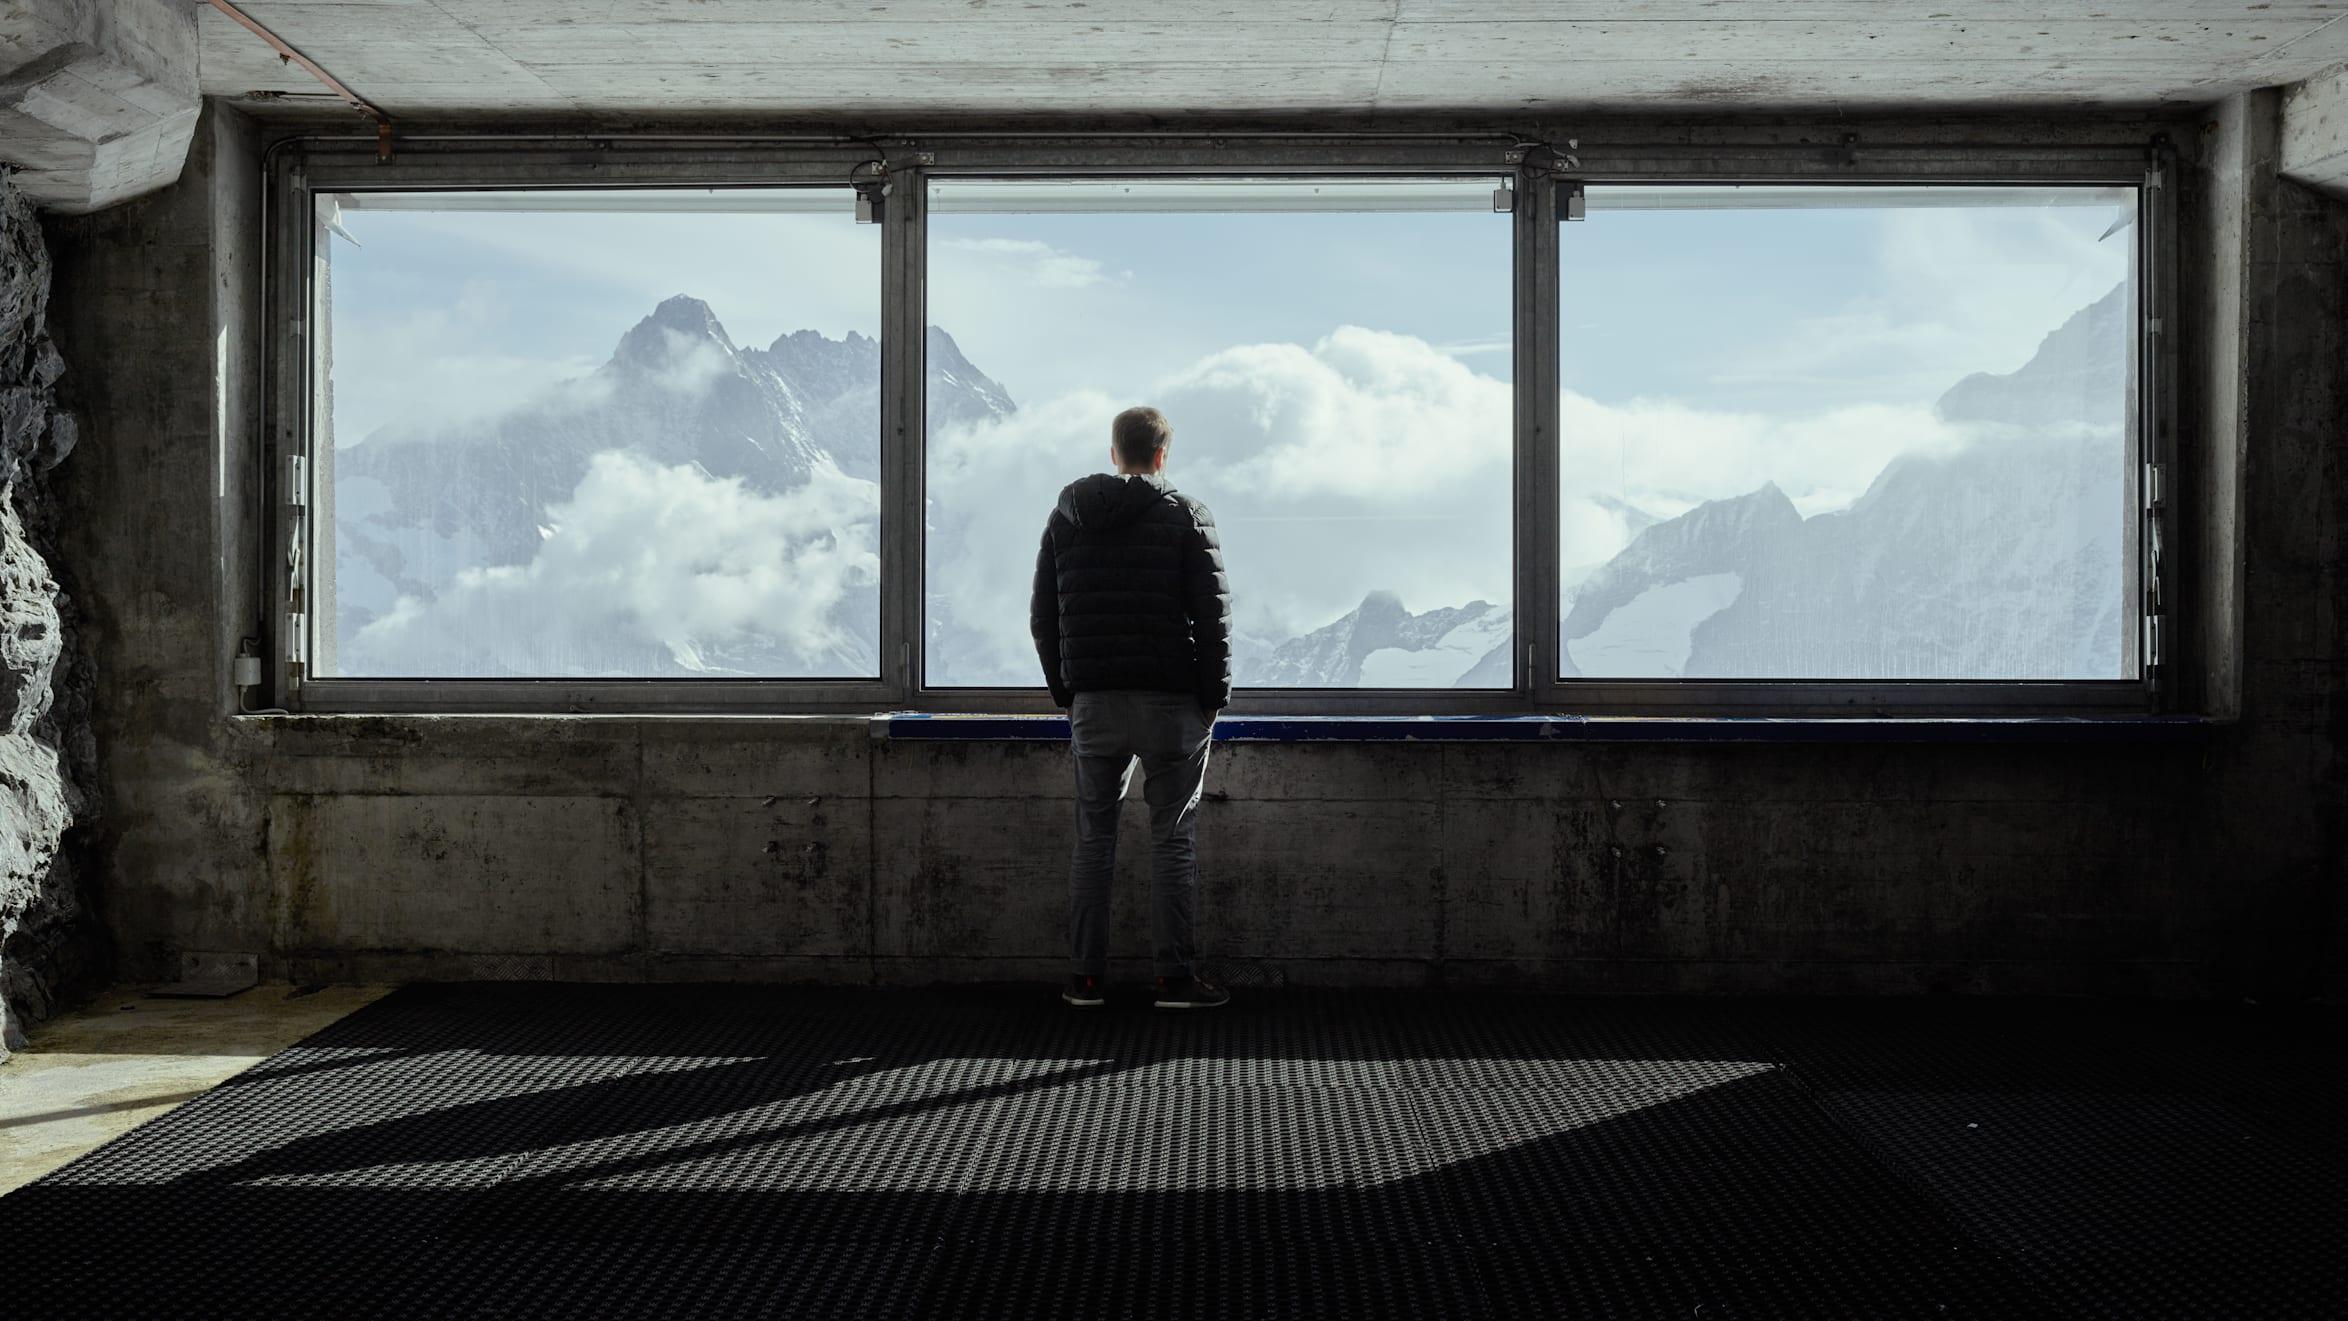 Gare de la Jungfraubahn Eismeer (Mer de glace) vue Jungfraujoch